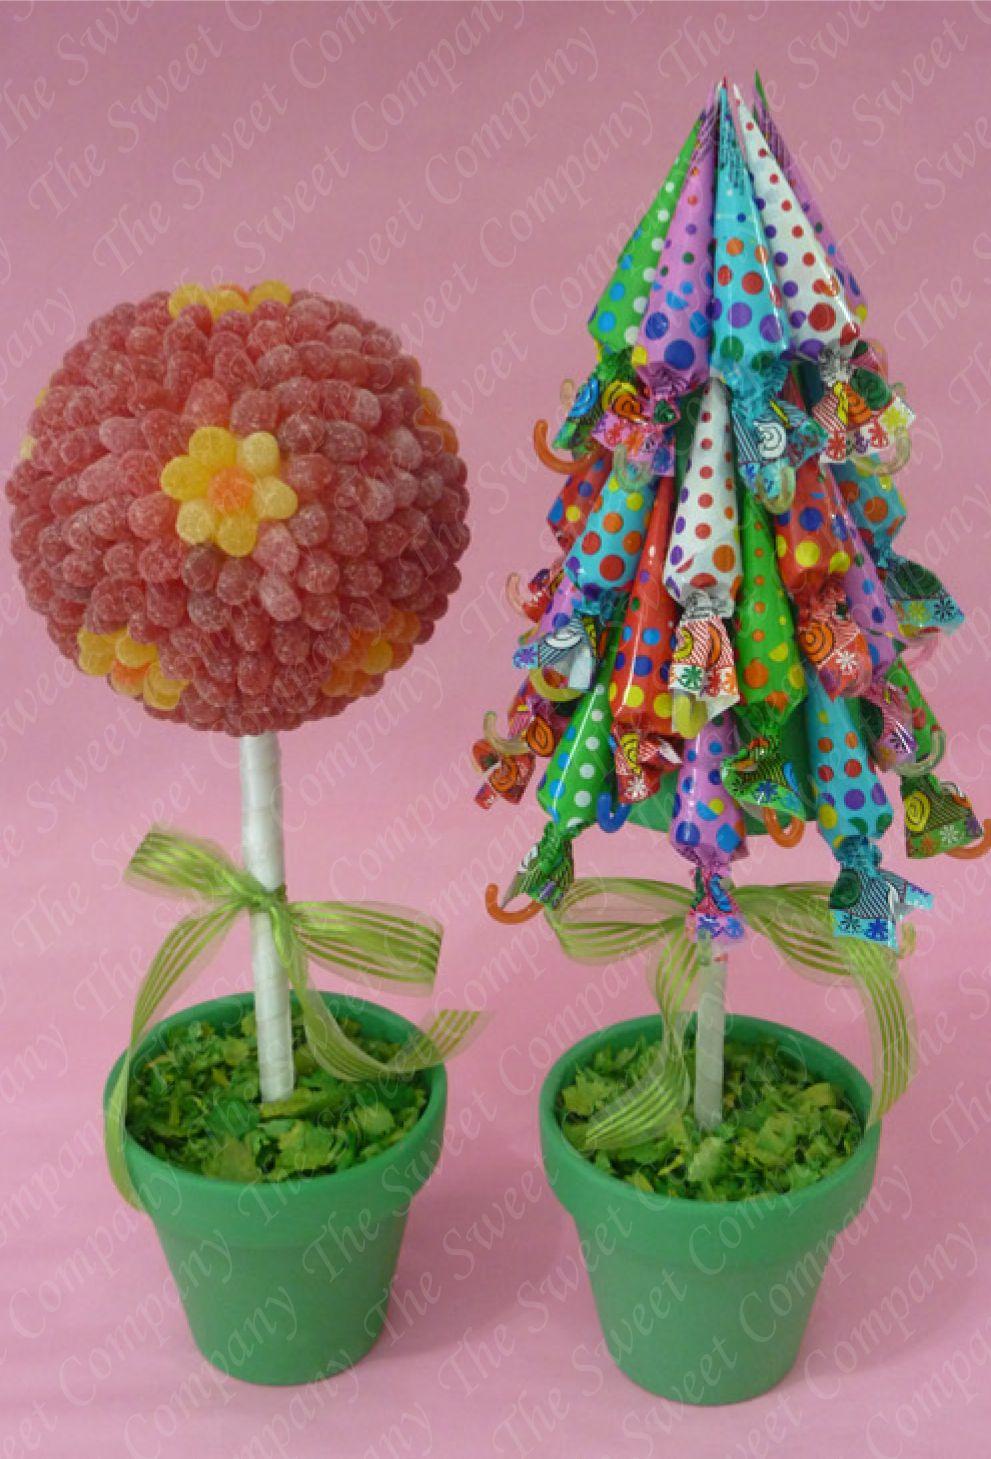 formas originales de presentar las chuches en una fiesta topiarios de golosinas de